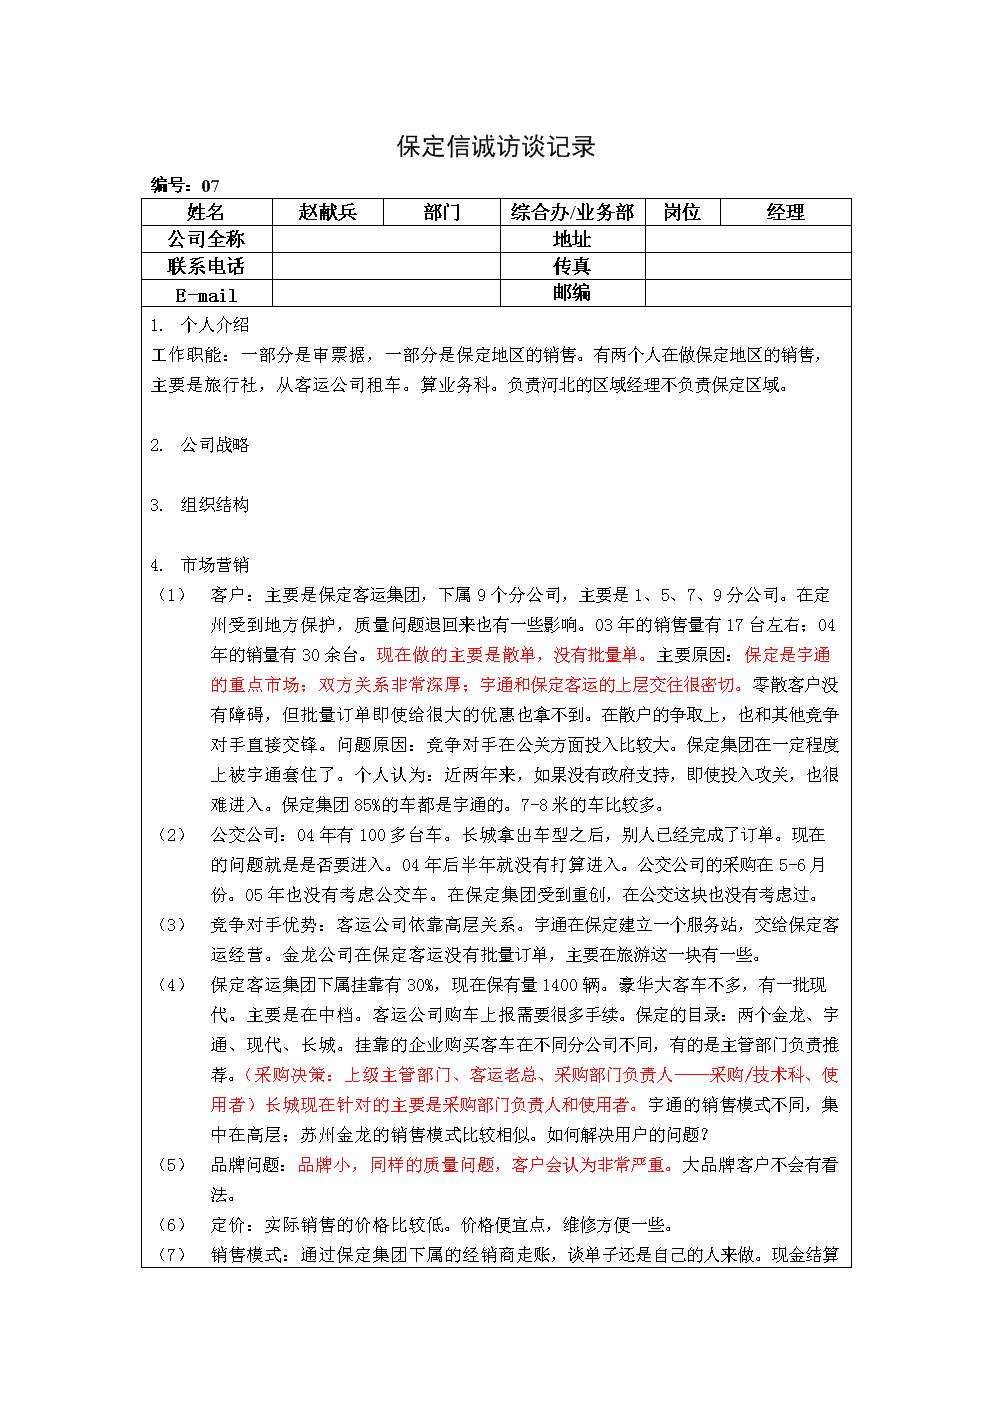 保定信诚访谈记录-业务部、综合办经理20050108.doc